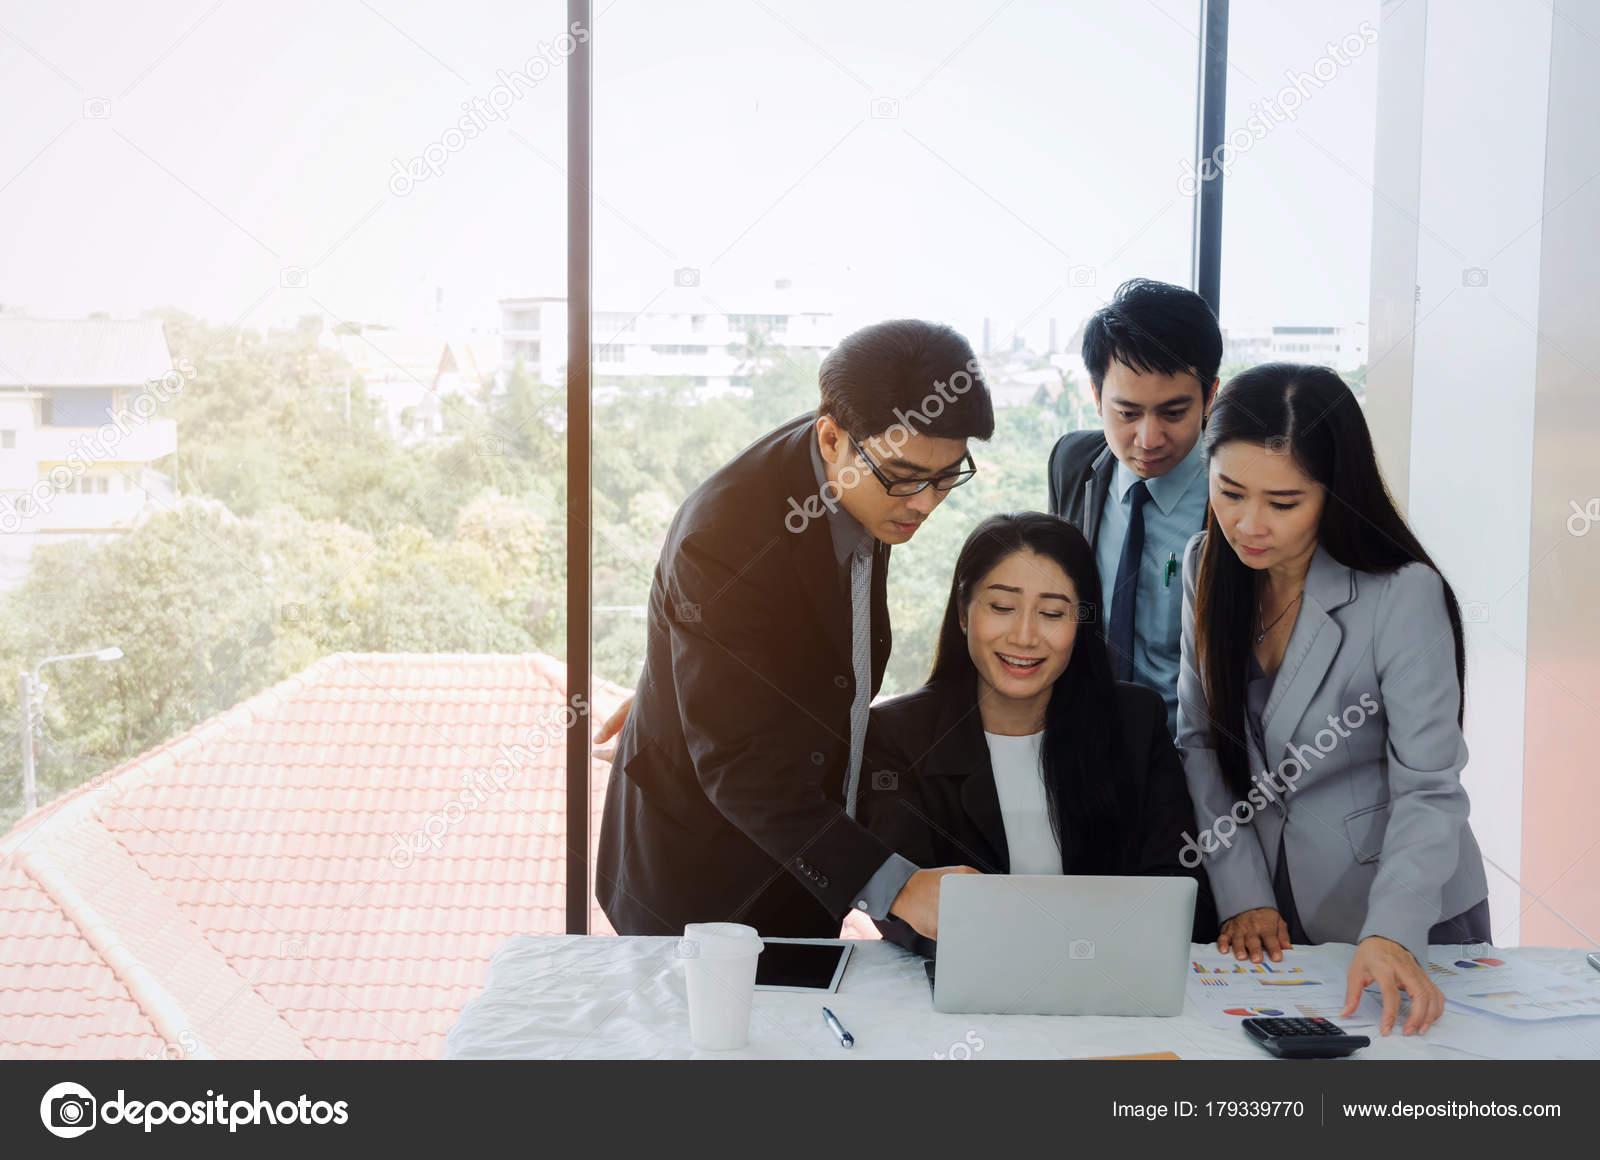 Gruppe Von Asien Geschäft Leute Teamerfolg Planung Gemeinsam Mit  Laptop Computer Am Schreibtisch Im Tagungsraum Im Büro, Unterstützung,  Partner, Teamwork, ...